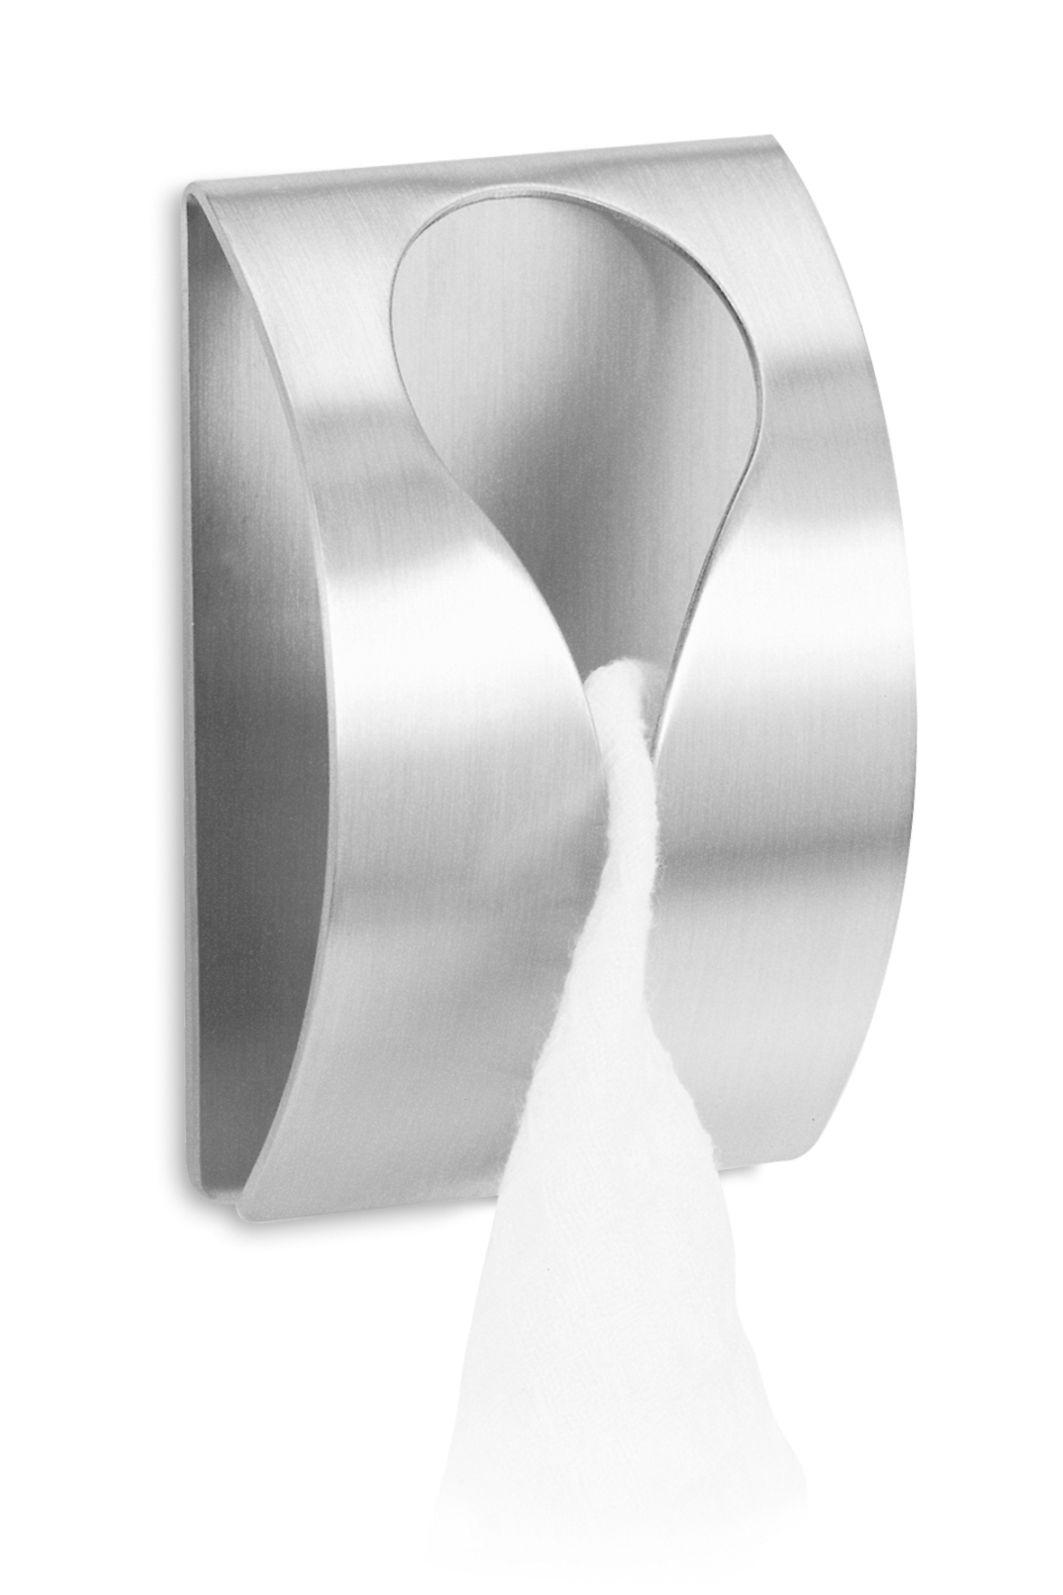 Samolepící klip na ručník GENIO, matný 5x7,5 cm - ZACK